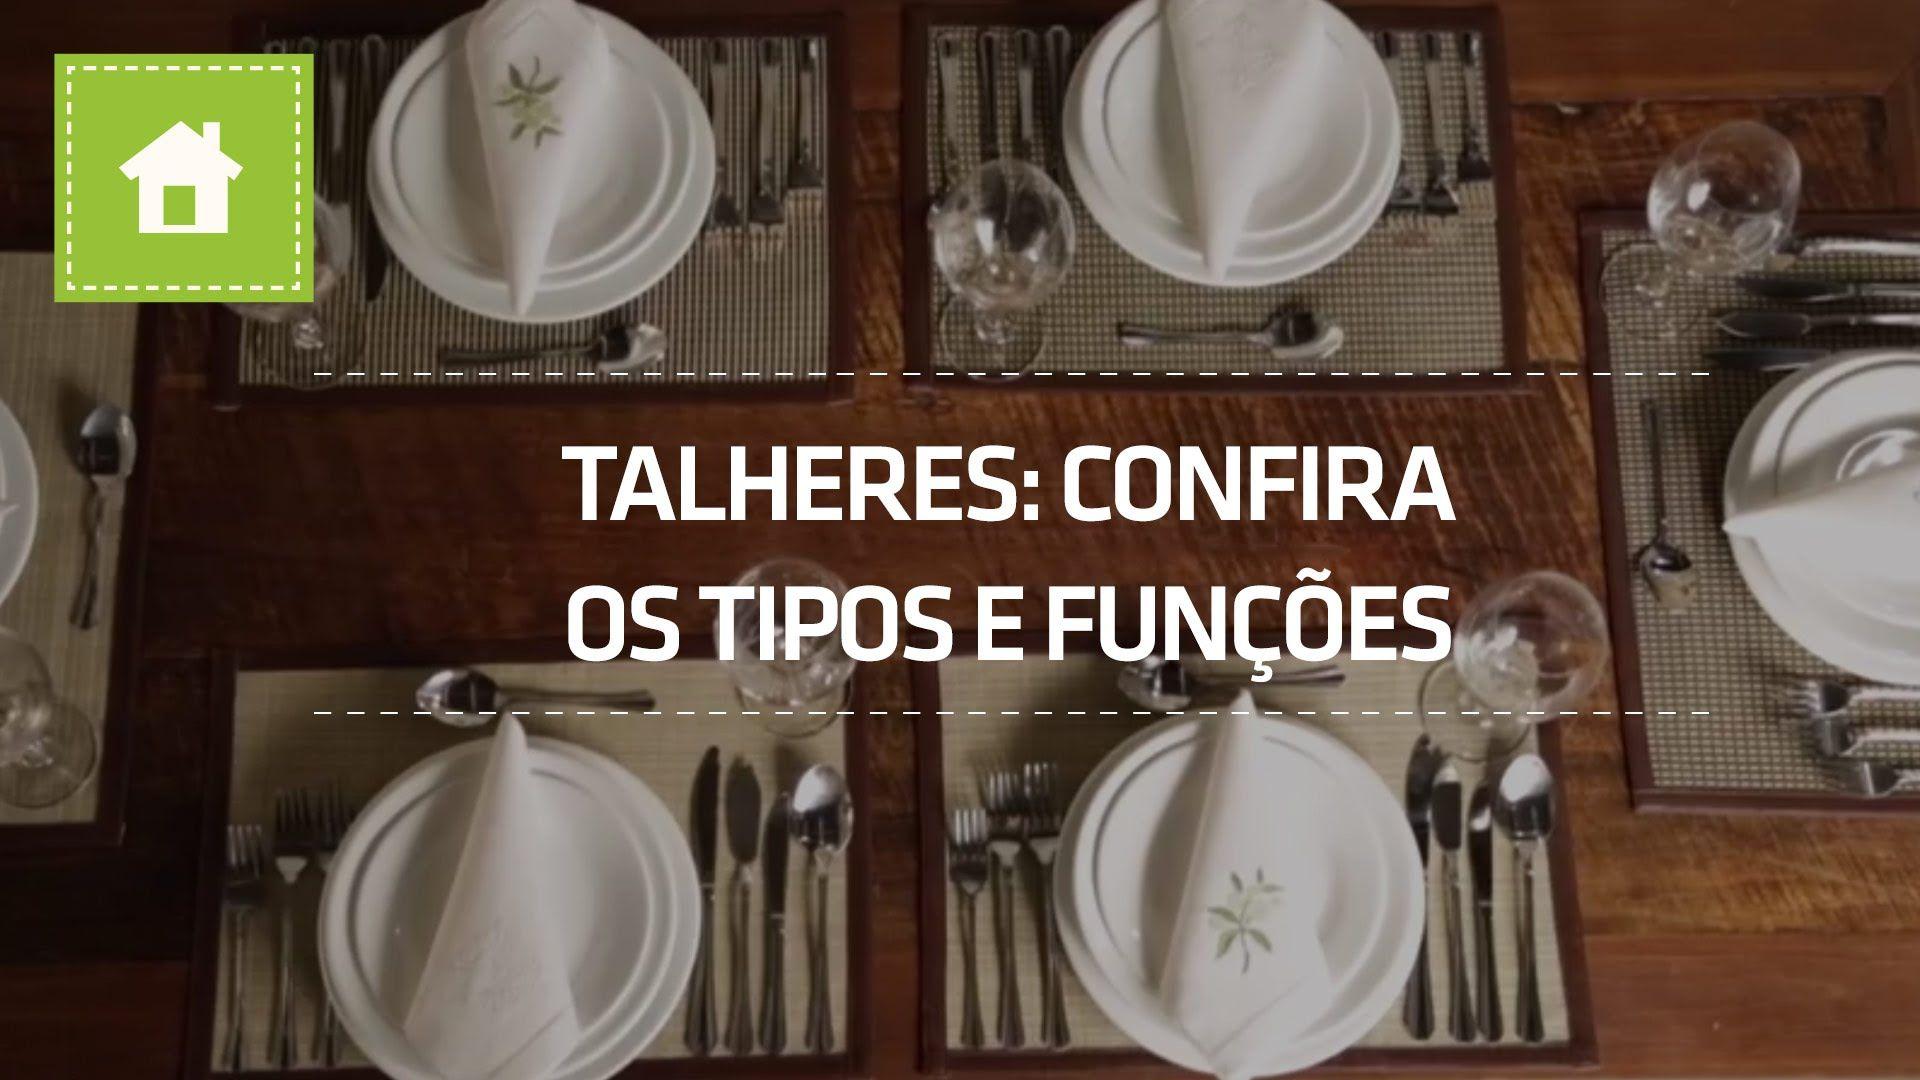 Talheres: Confira os Tipos e Funções | Shoptime